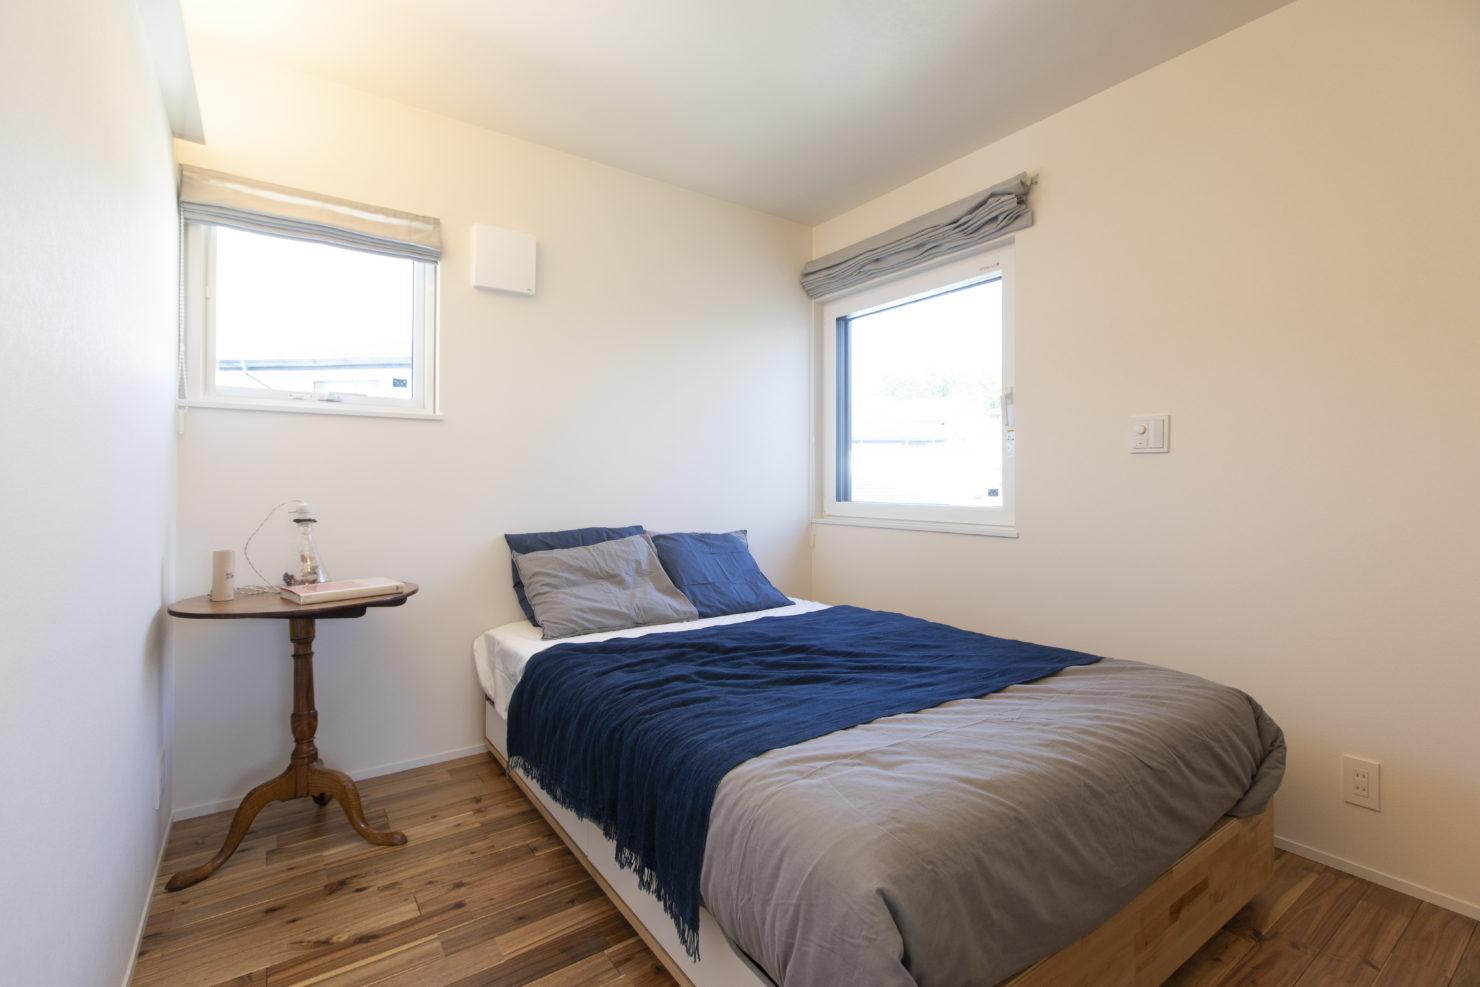 ハウスM21 盛岡市高松建売住宅 寝室写真